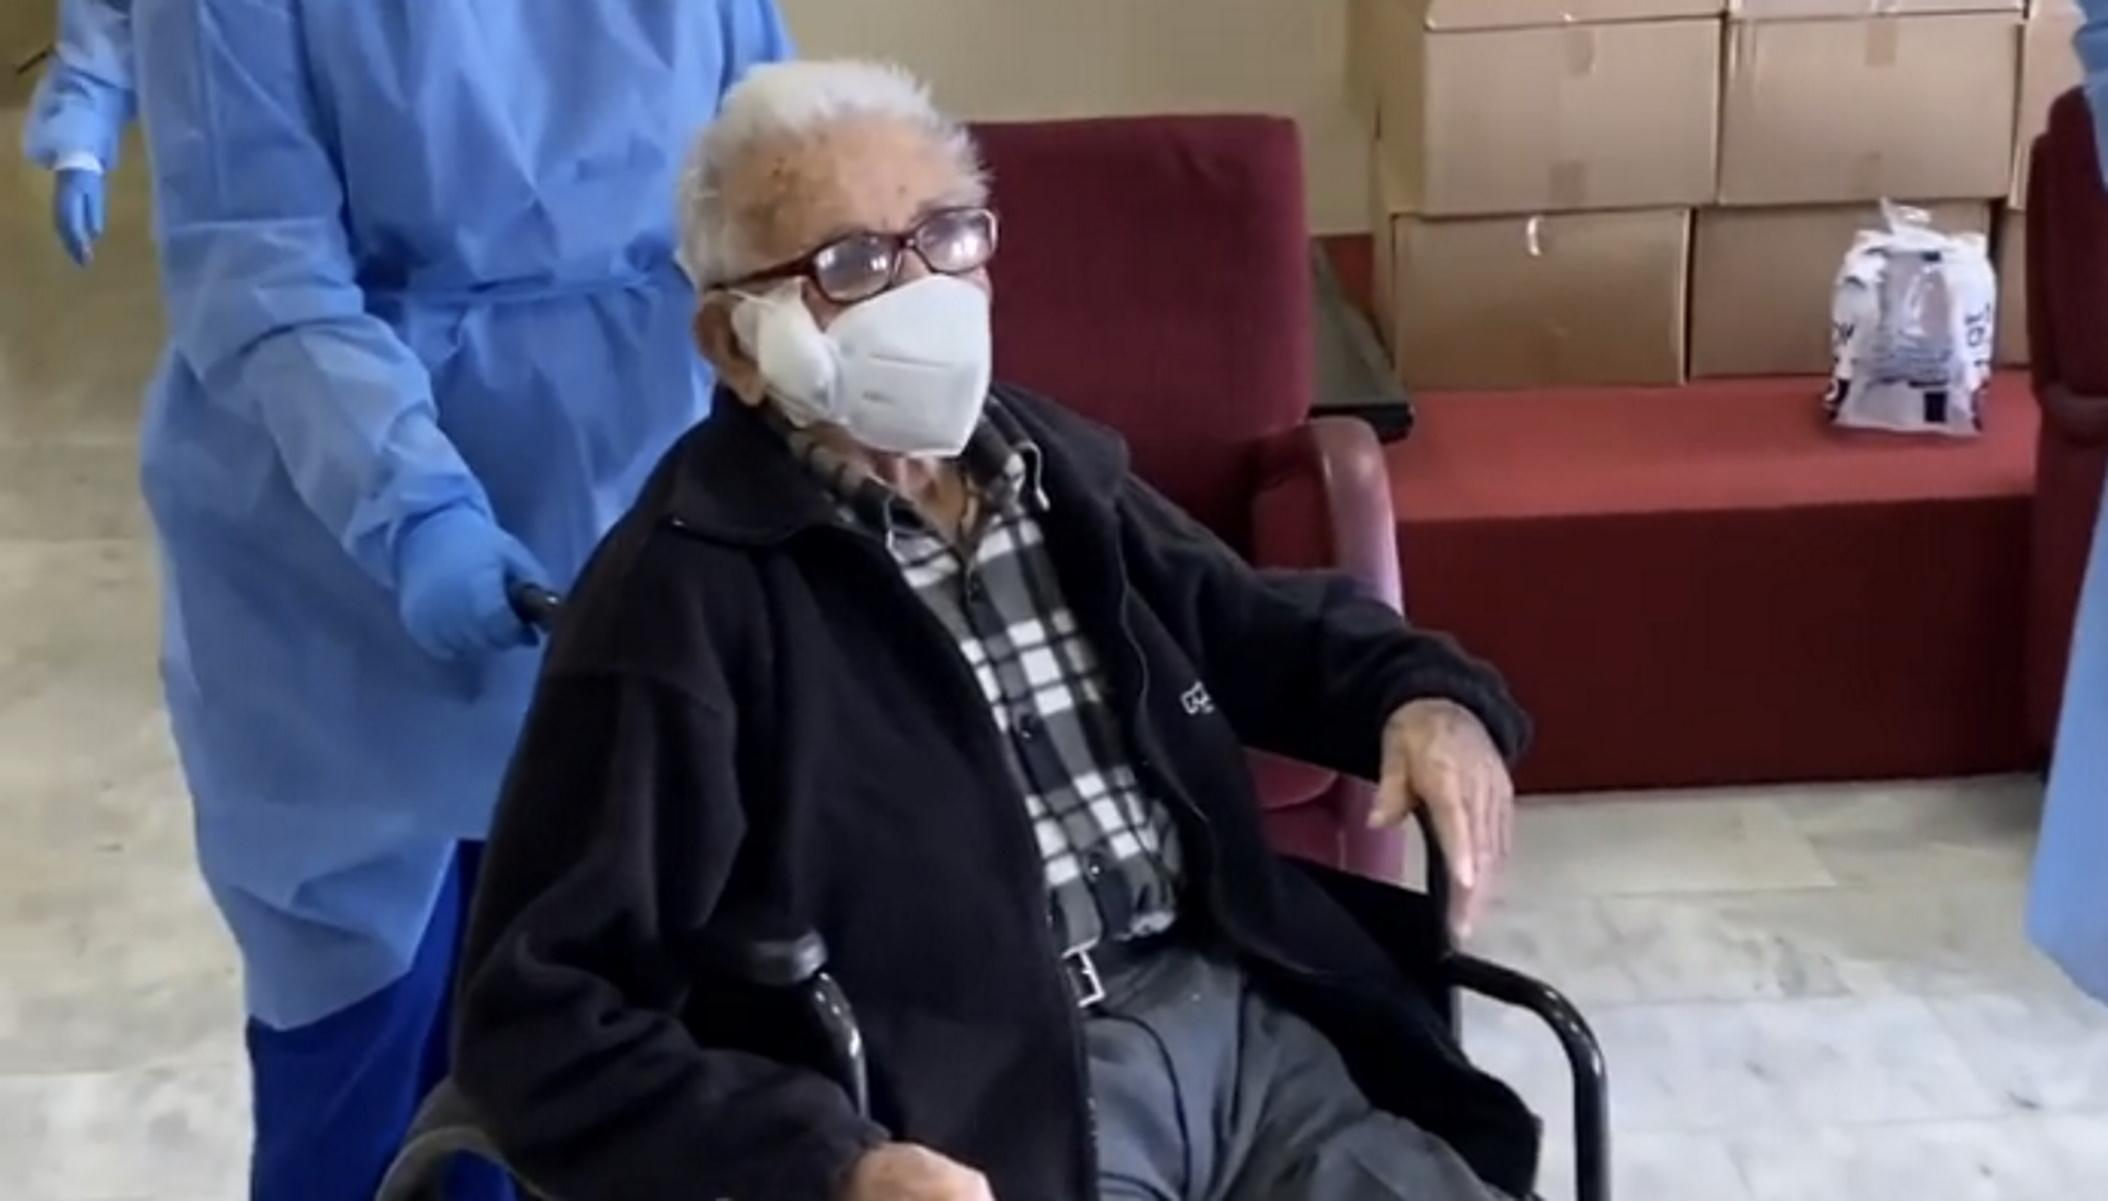 Κορονοϊός: Κρητίκαρος 106 ετών ο πρώτος που εμβολιάστηκε στο δημοτικό γηροκομείο Χανίων (pics)